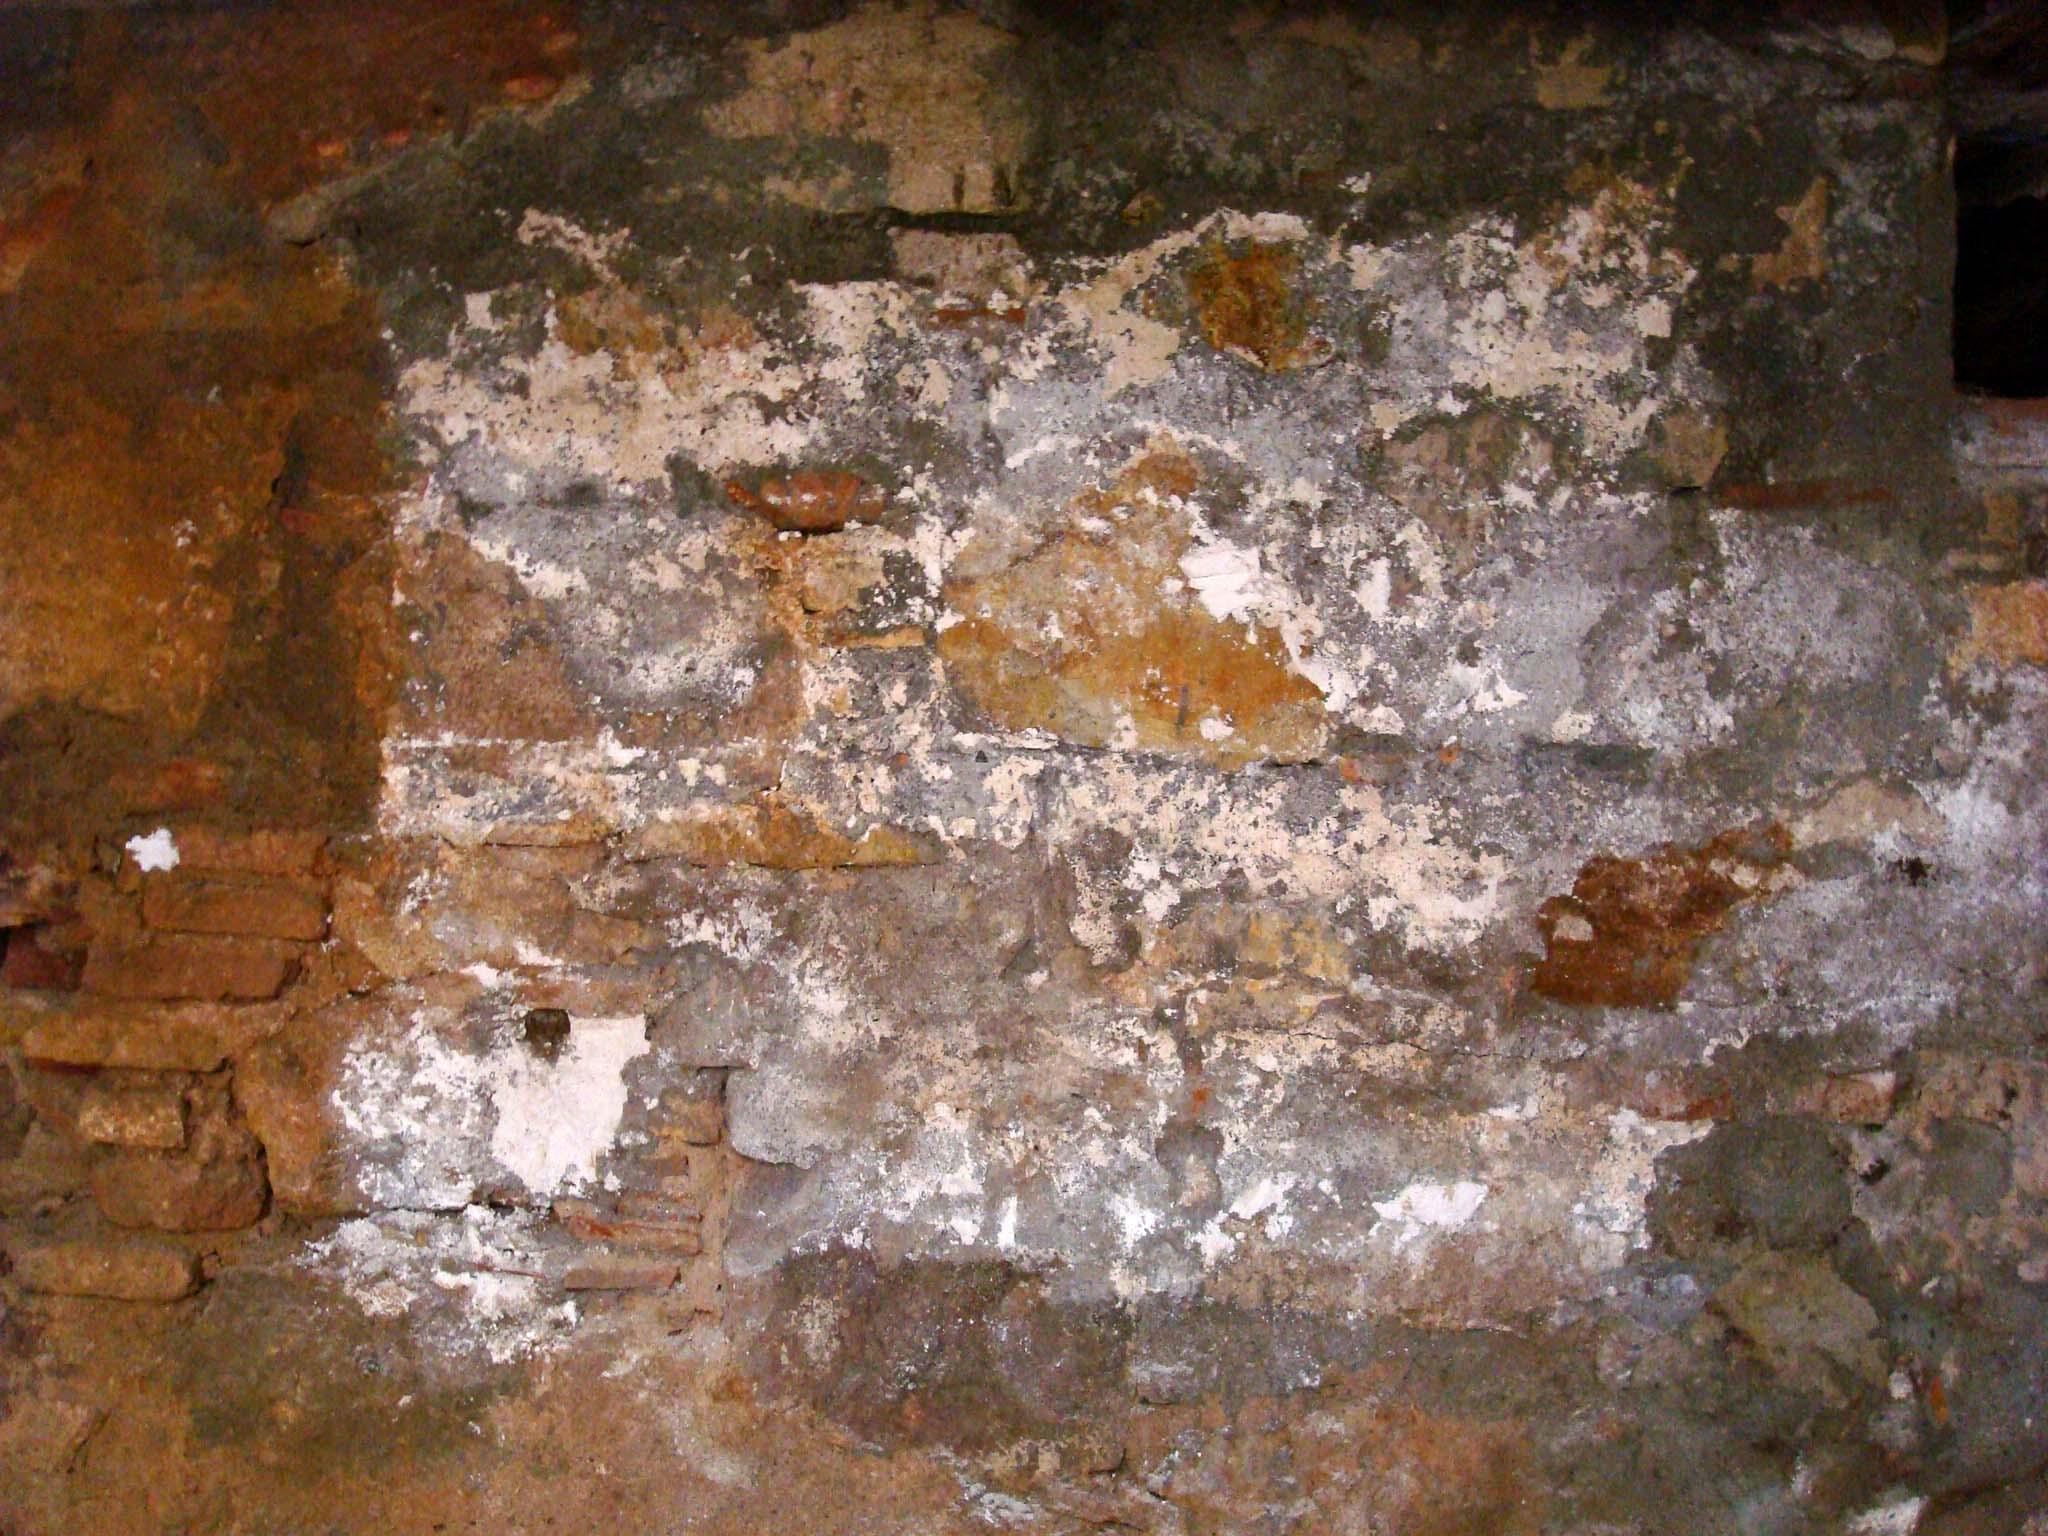 Vista del mur, un cop extret el cartell (Foto ÀBAC Conservació-Restauració S.L.)